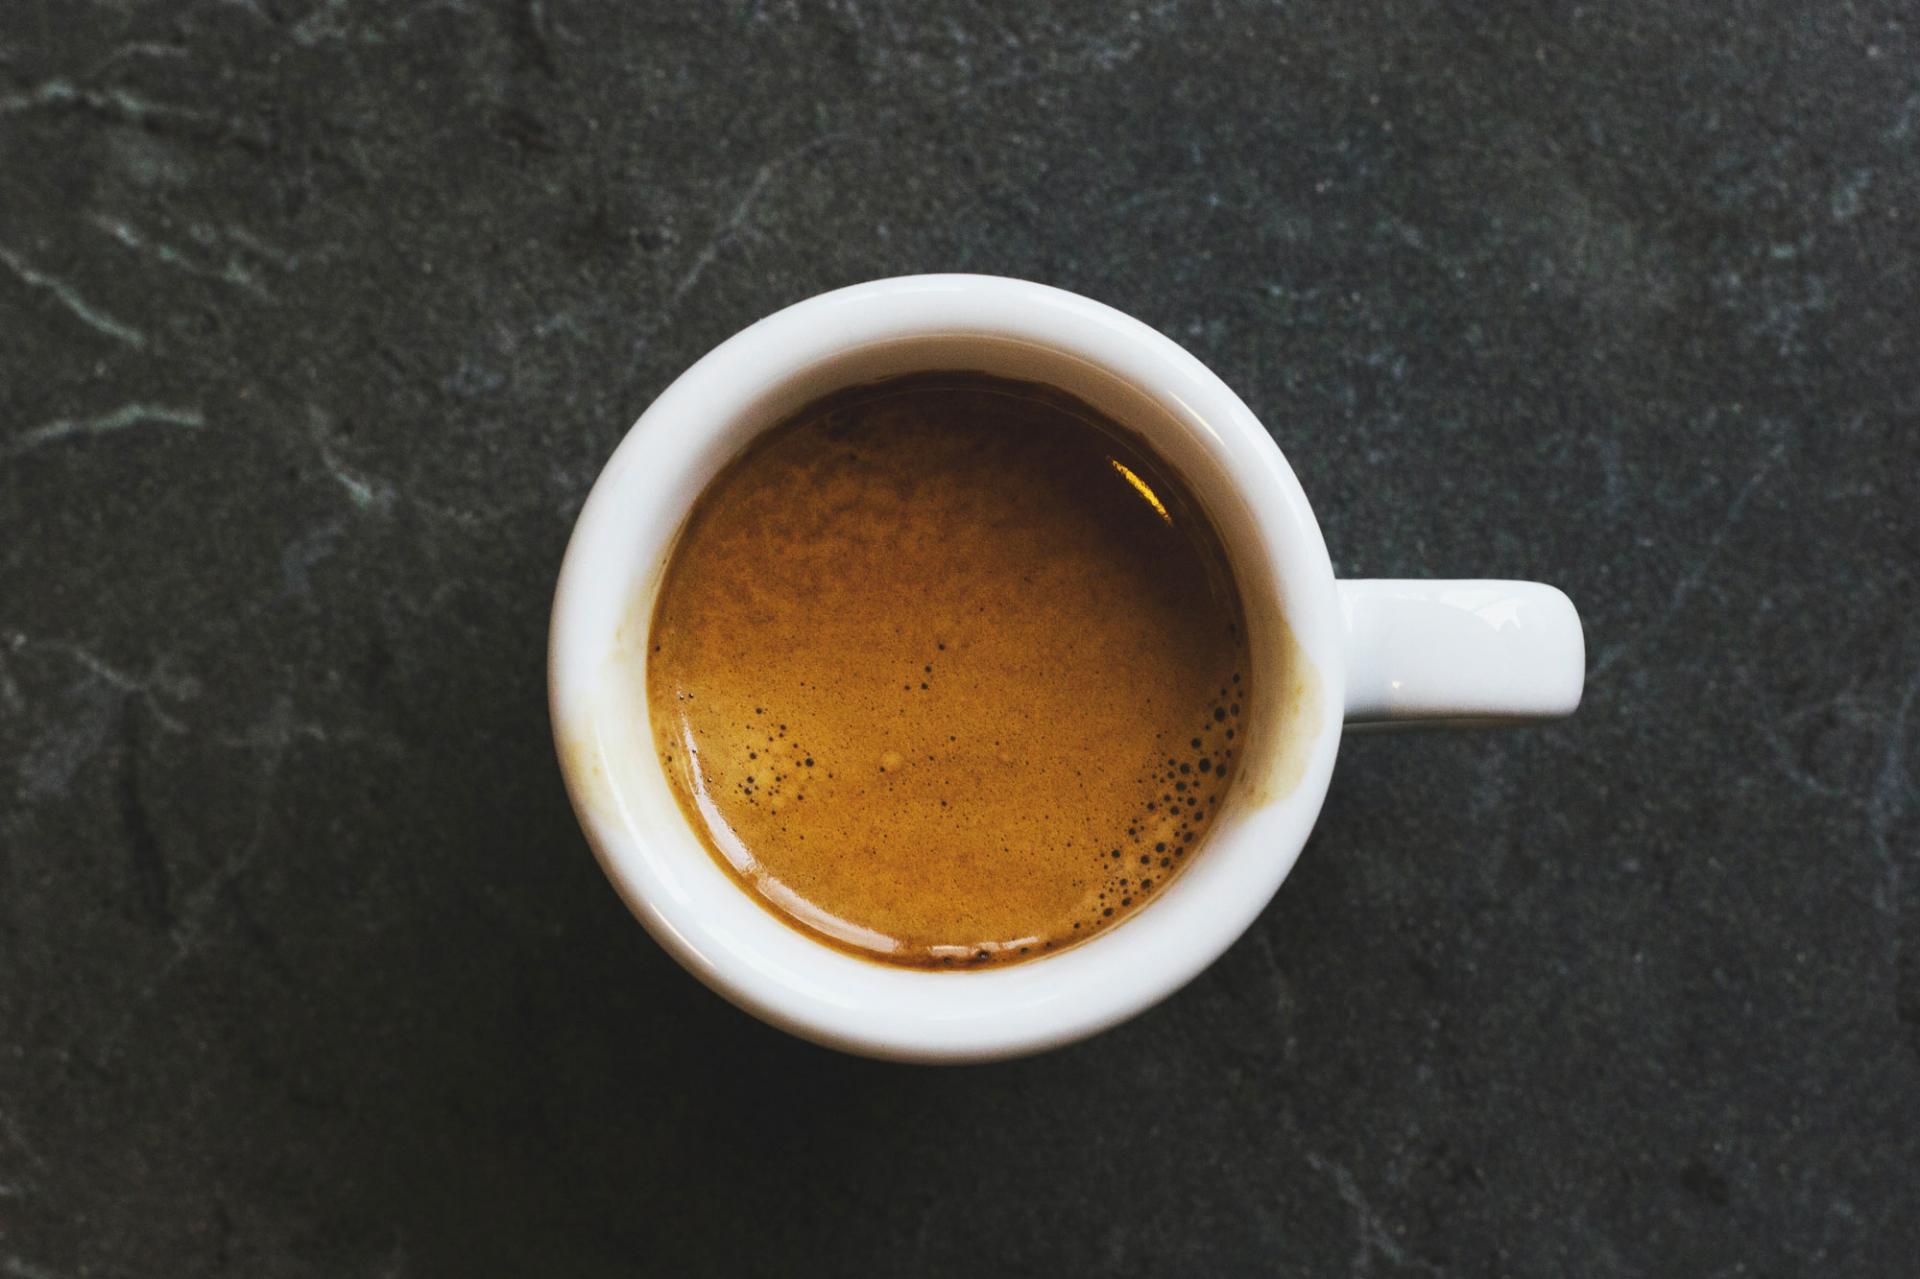 Действительноли эспрессо лучше чёрногокофе? Разъяснение различий